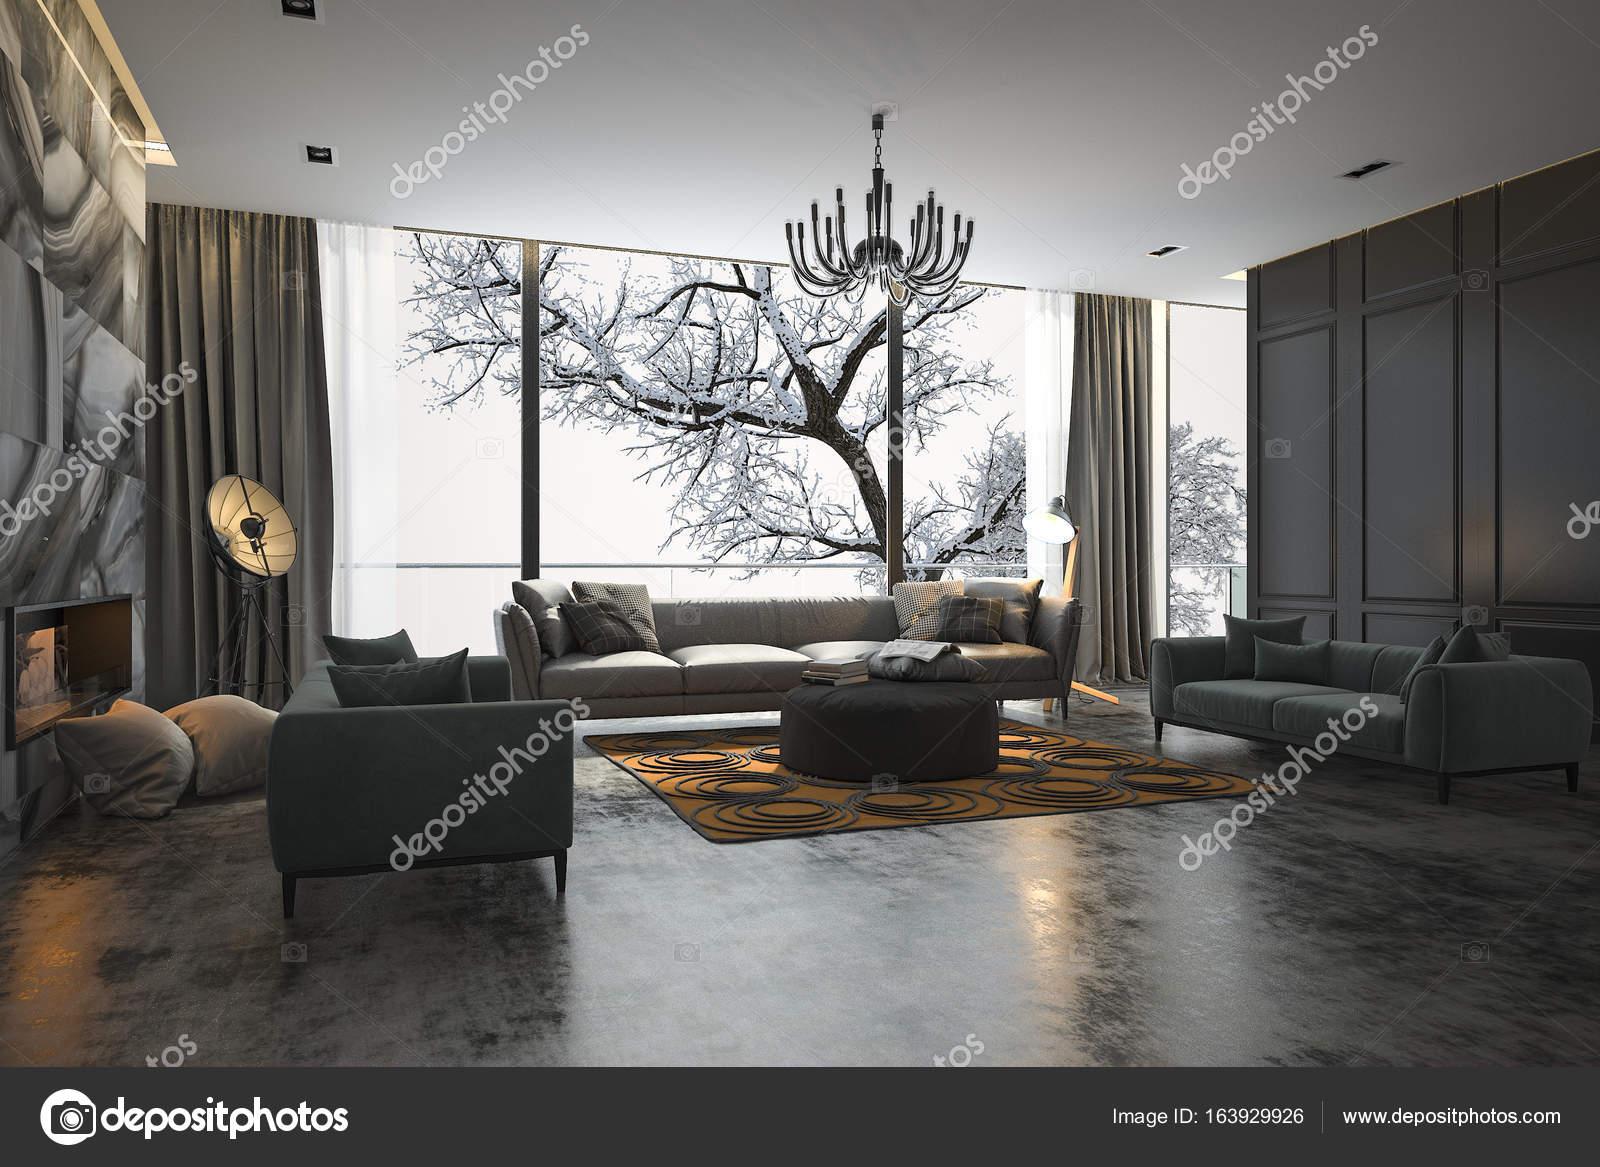 Ideen fur wohnzimmer 3d renderings  3D Rendering-Wohnzimmer mit Sofa in der Nähe von Winter-Szene vor ...